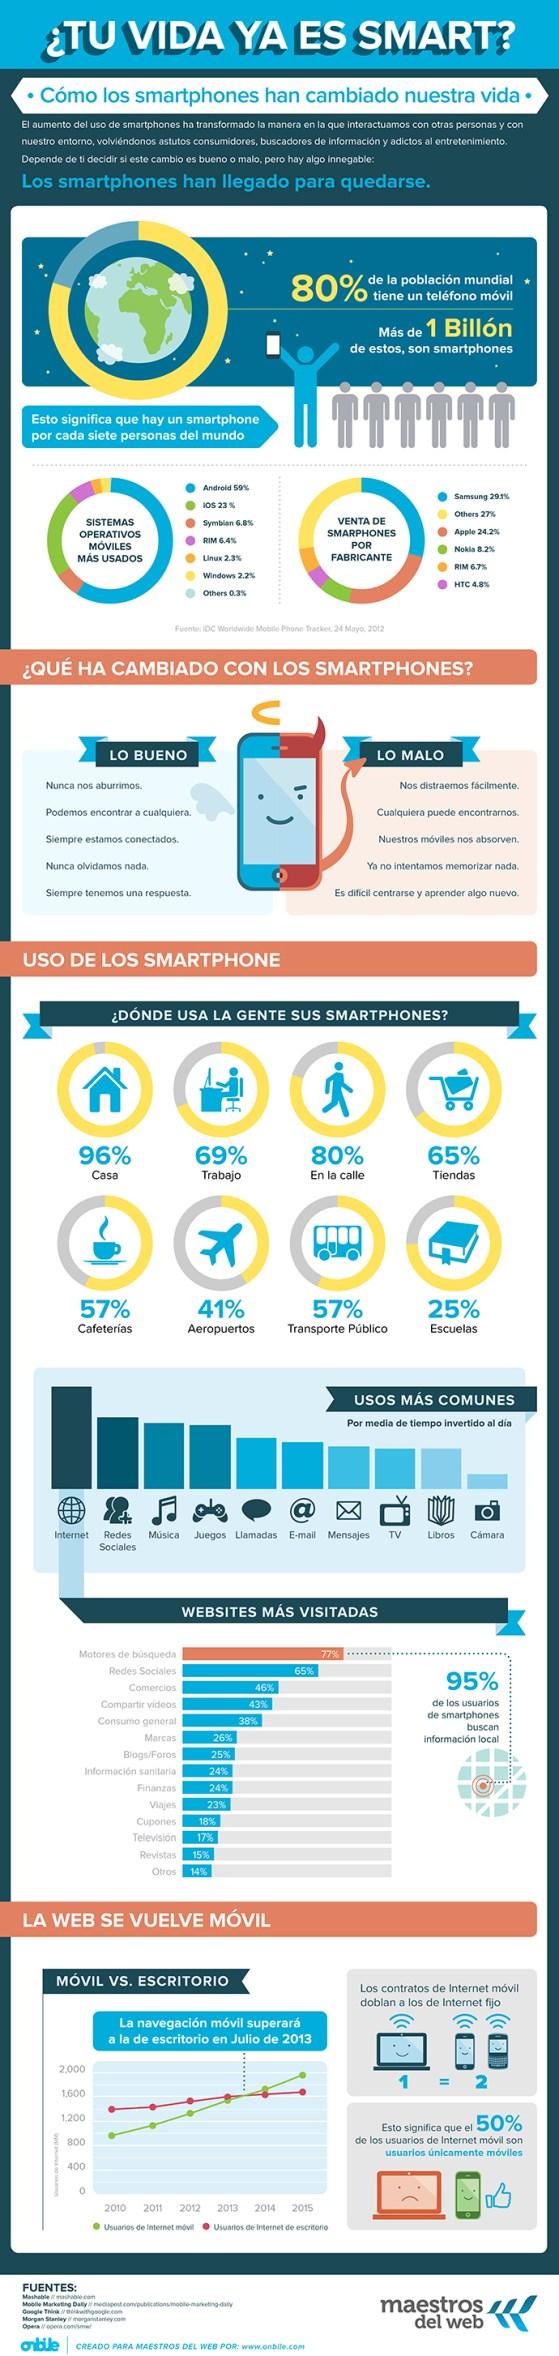 ¿Cómo han cambiado nuestra vida los smartphones? [Infografía] - InfographicOnbile01-low